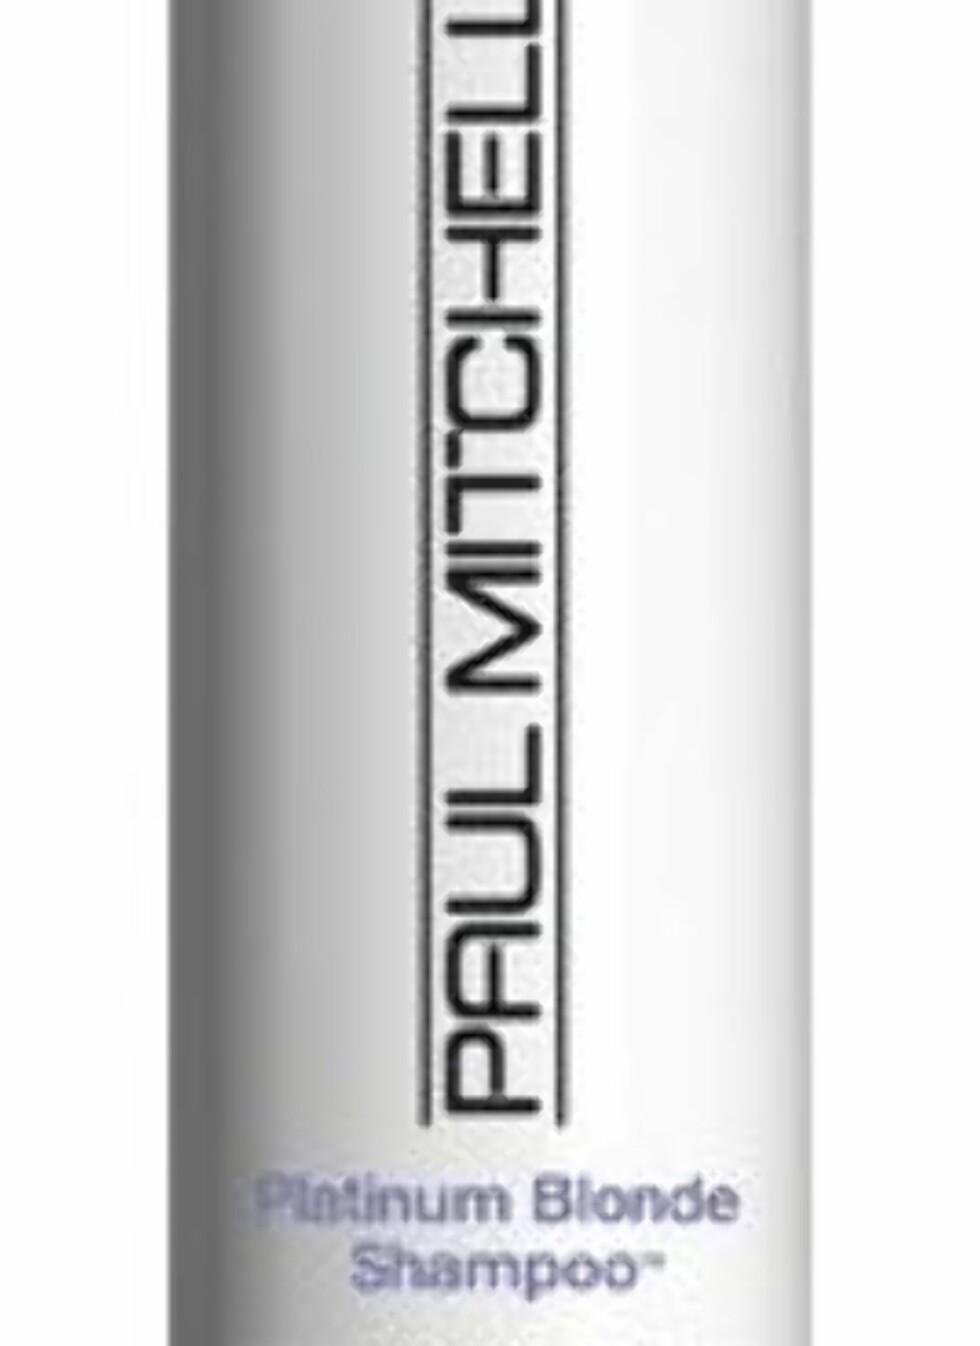 Paul Mitchell Platinum Blonde Shampoo lysner blondt, grått eller hvitt hår med sine kalde, fiolette pigmenter. Nøytraliserer gule toner og pleier håret, veil. kr 276. Foto: Produsenten